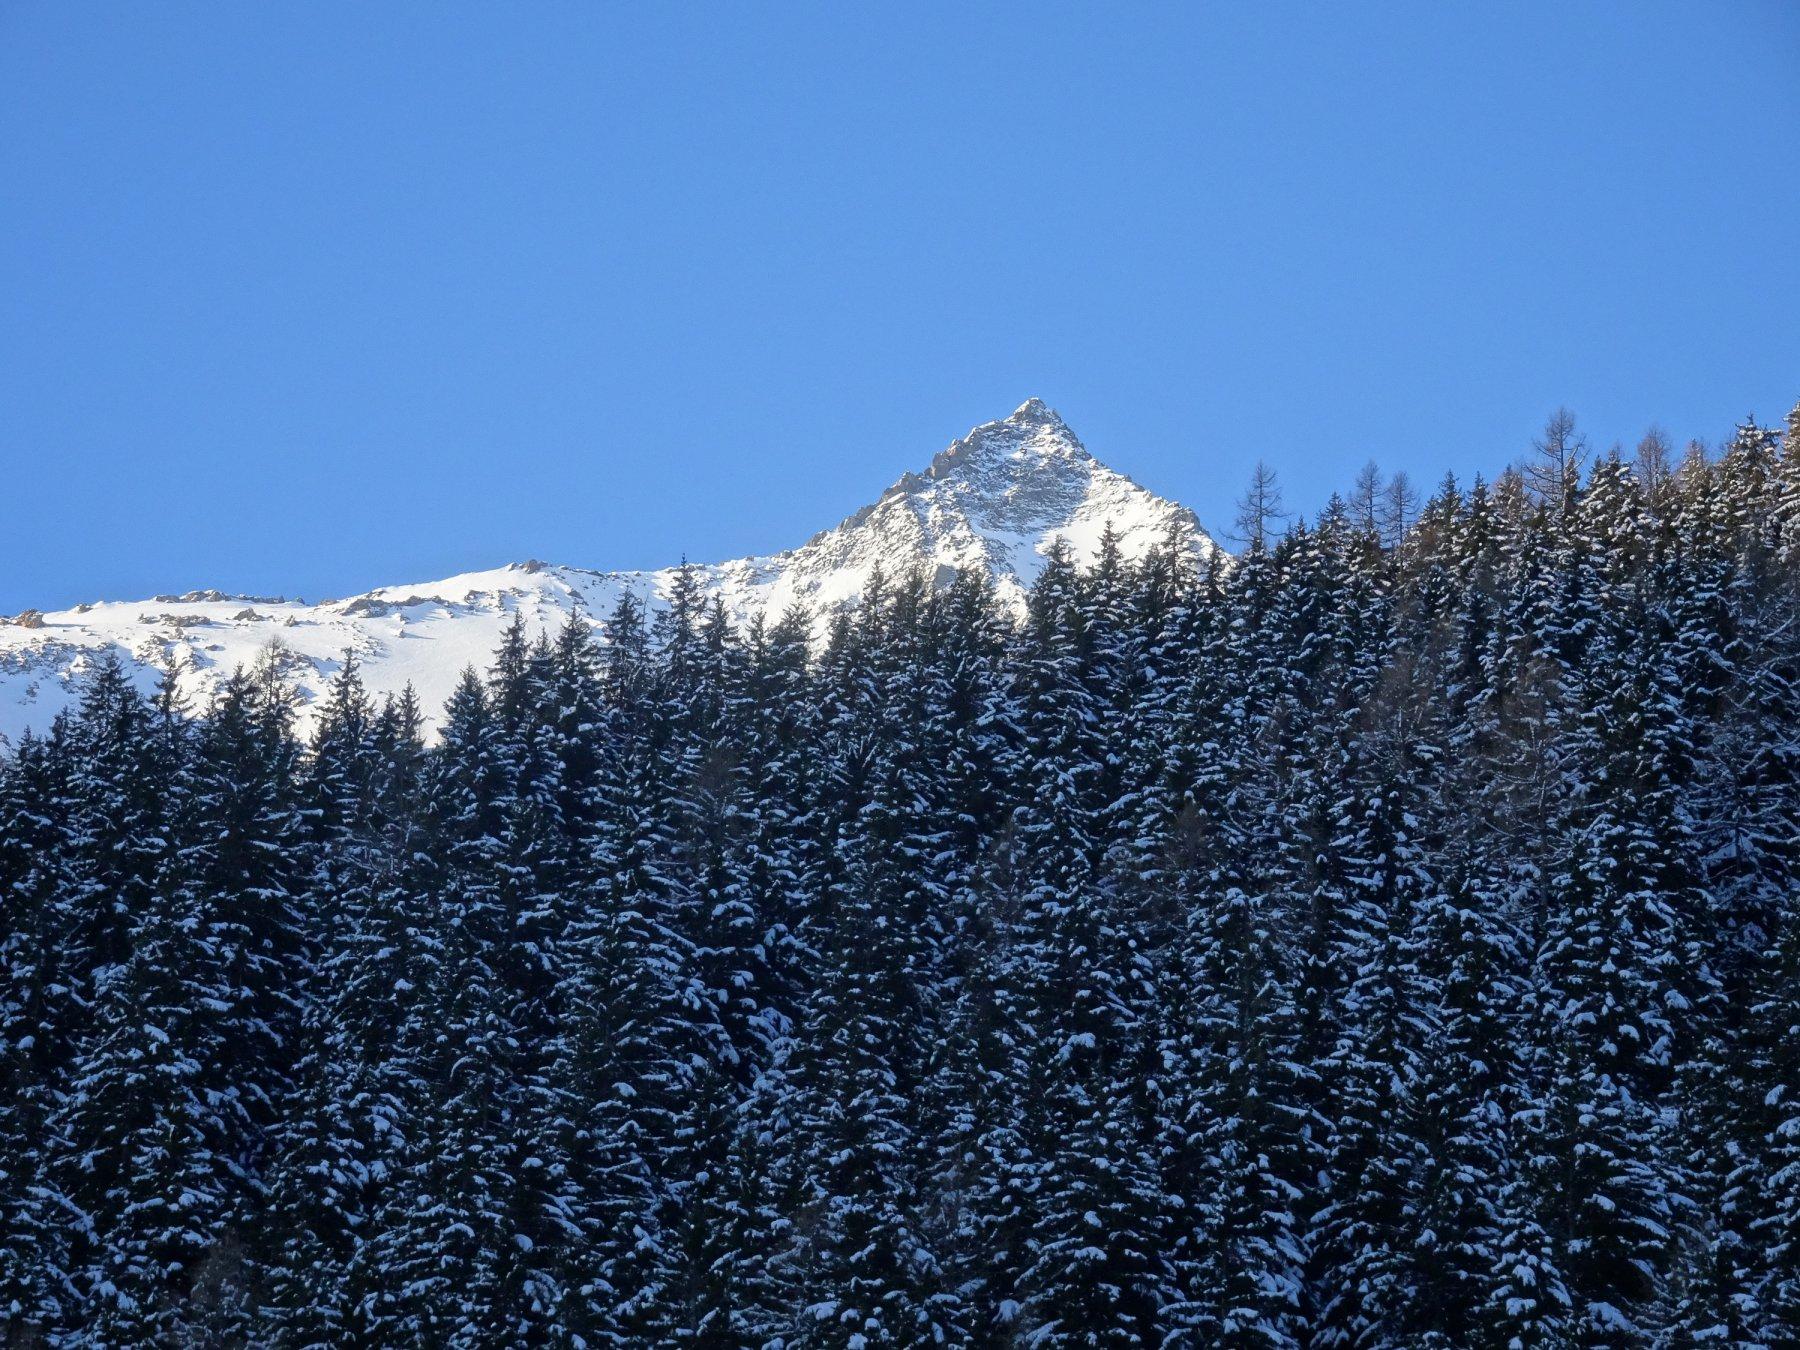 la punta che si vede non è che  l'inizio della cresta che conduce verso sud alla cima